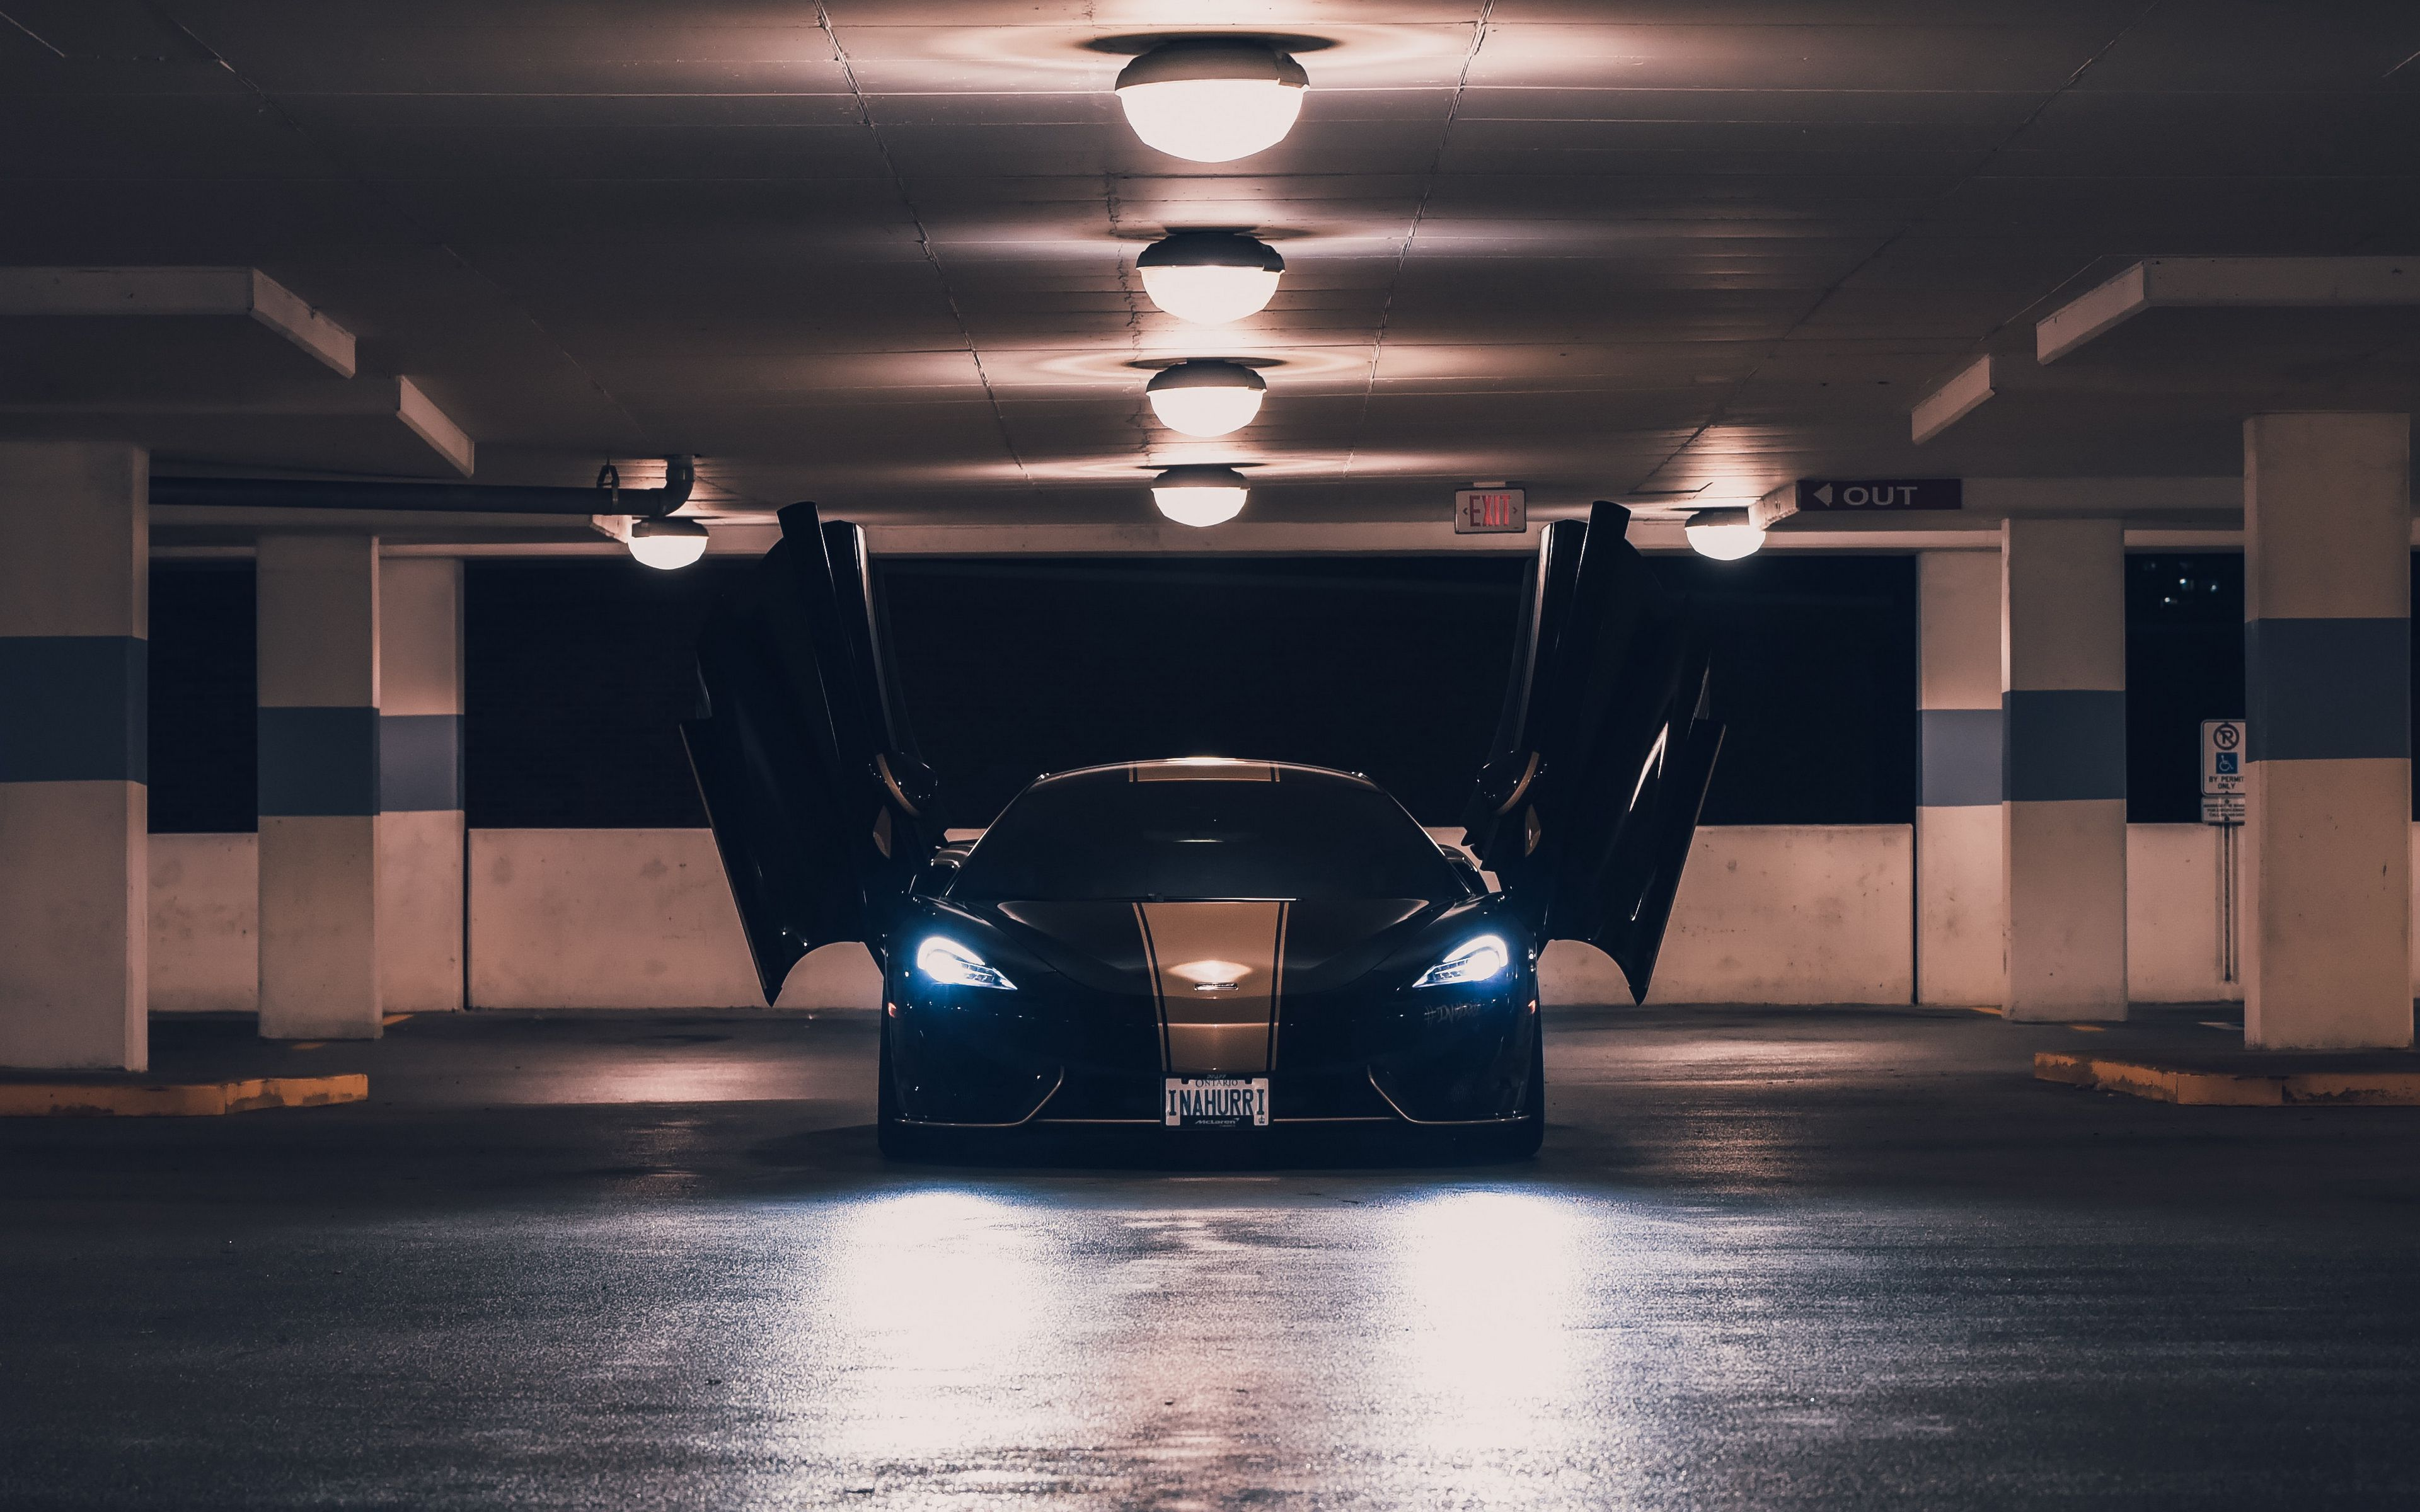 3840x2400 Wallpaper mclaren, sports car, parking, doors, lights